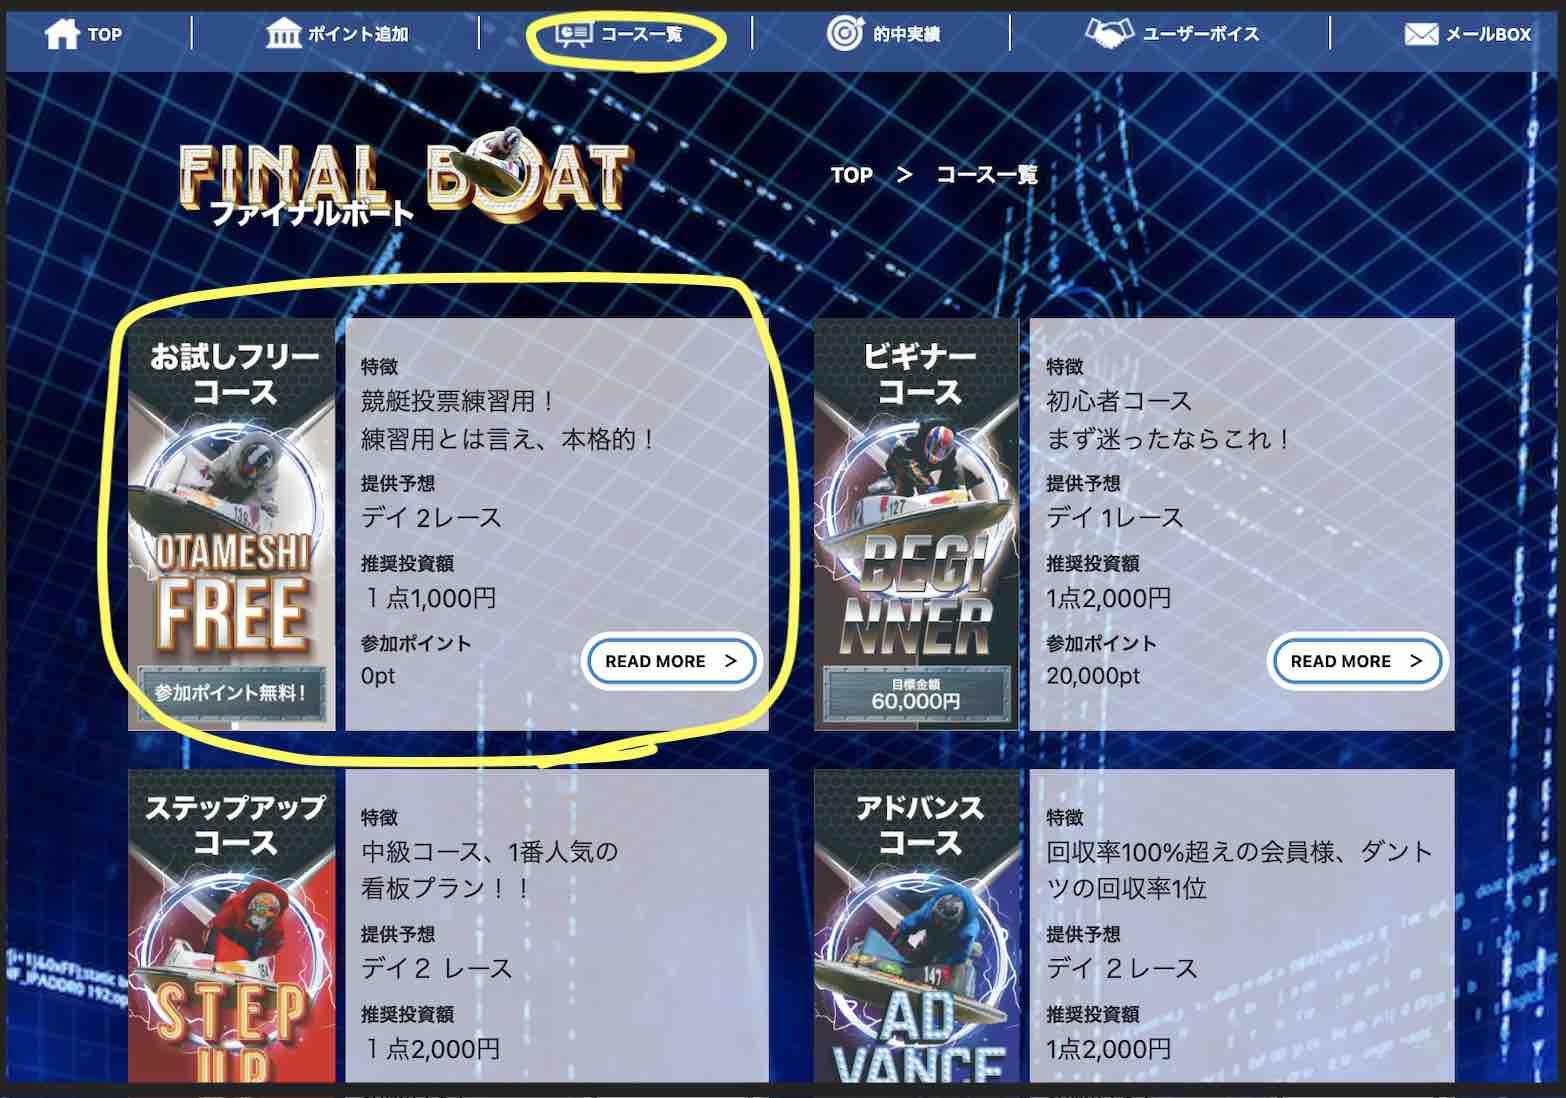 ファイナルボートという競艇予想サイト(ボートレース予想サイト)の無料予想を確認する